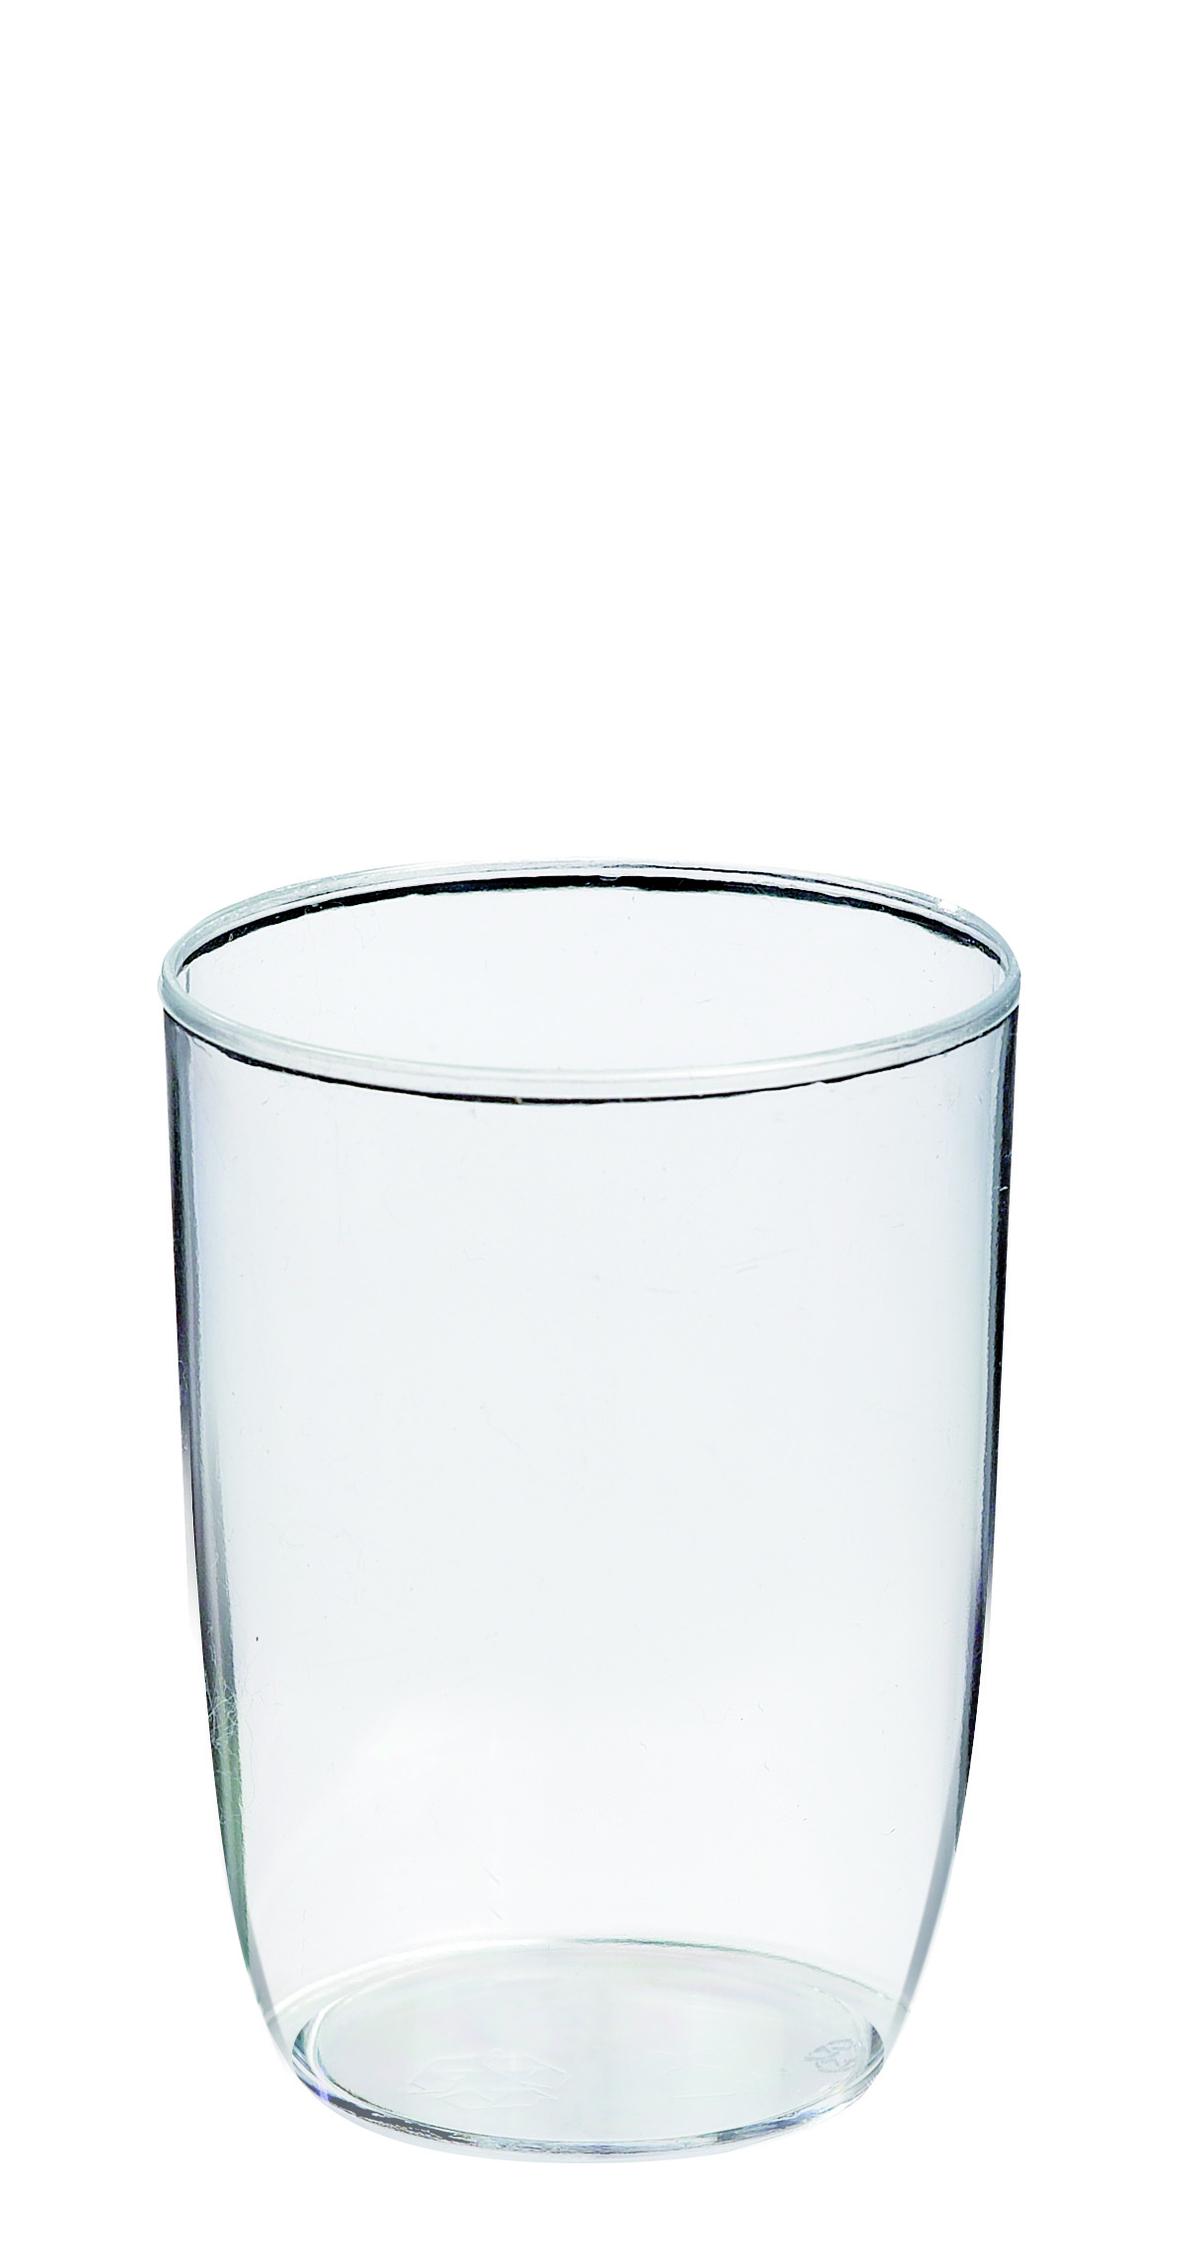 Verrine mini tubby transparente Ø 4 cm 3,50 cl Solia (60 pièces)